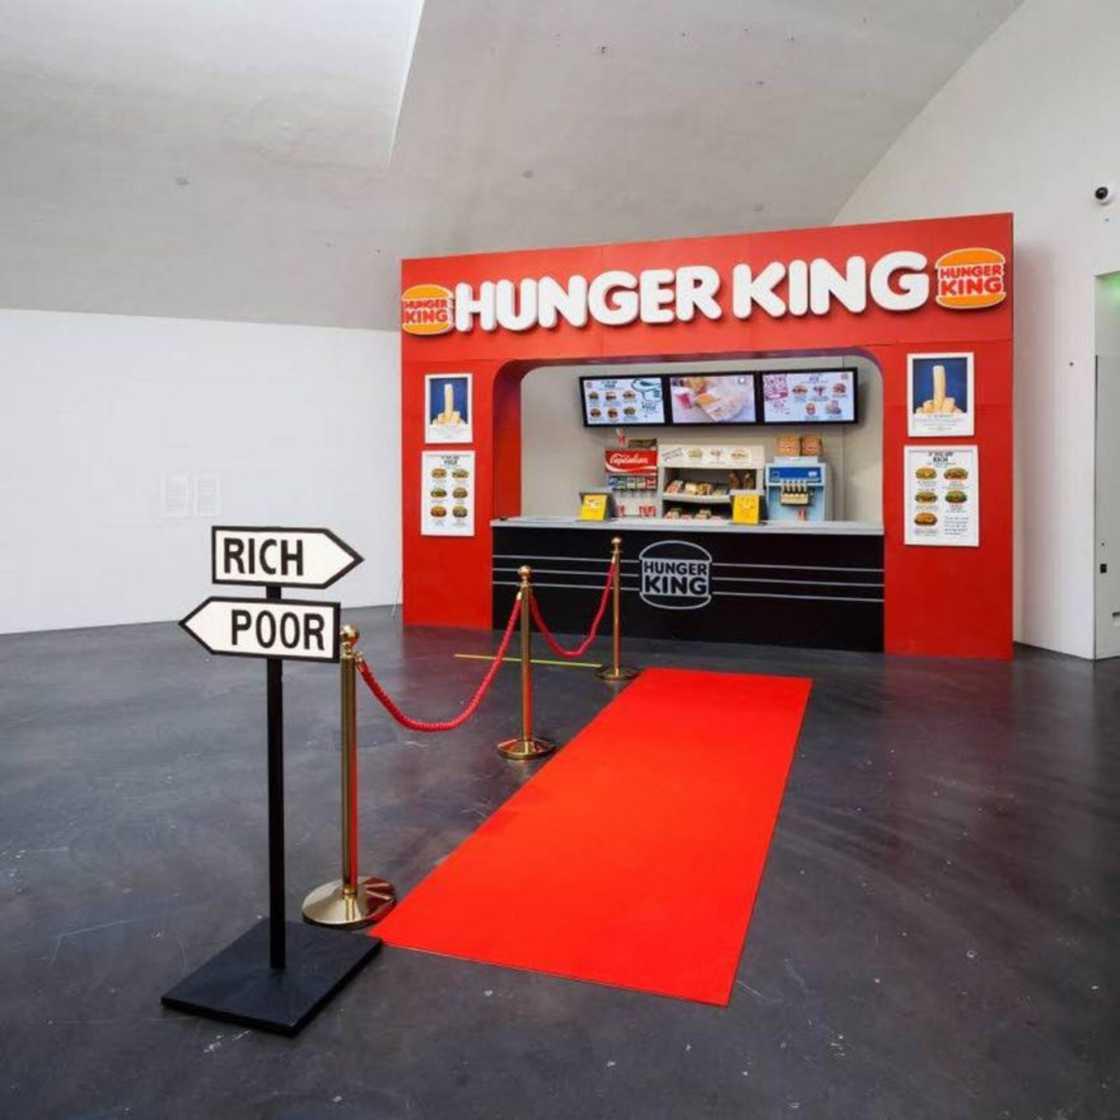 installazione-arte-critica-societa-capitalismo-hunger-king-jani-leinonen-01